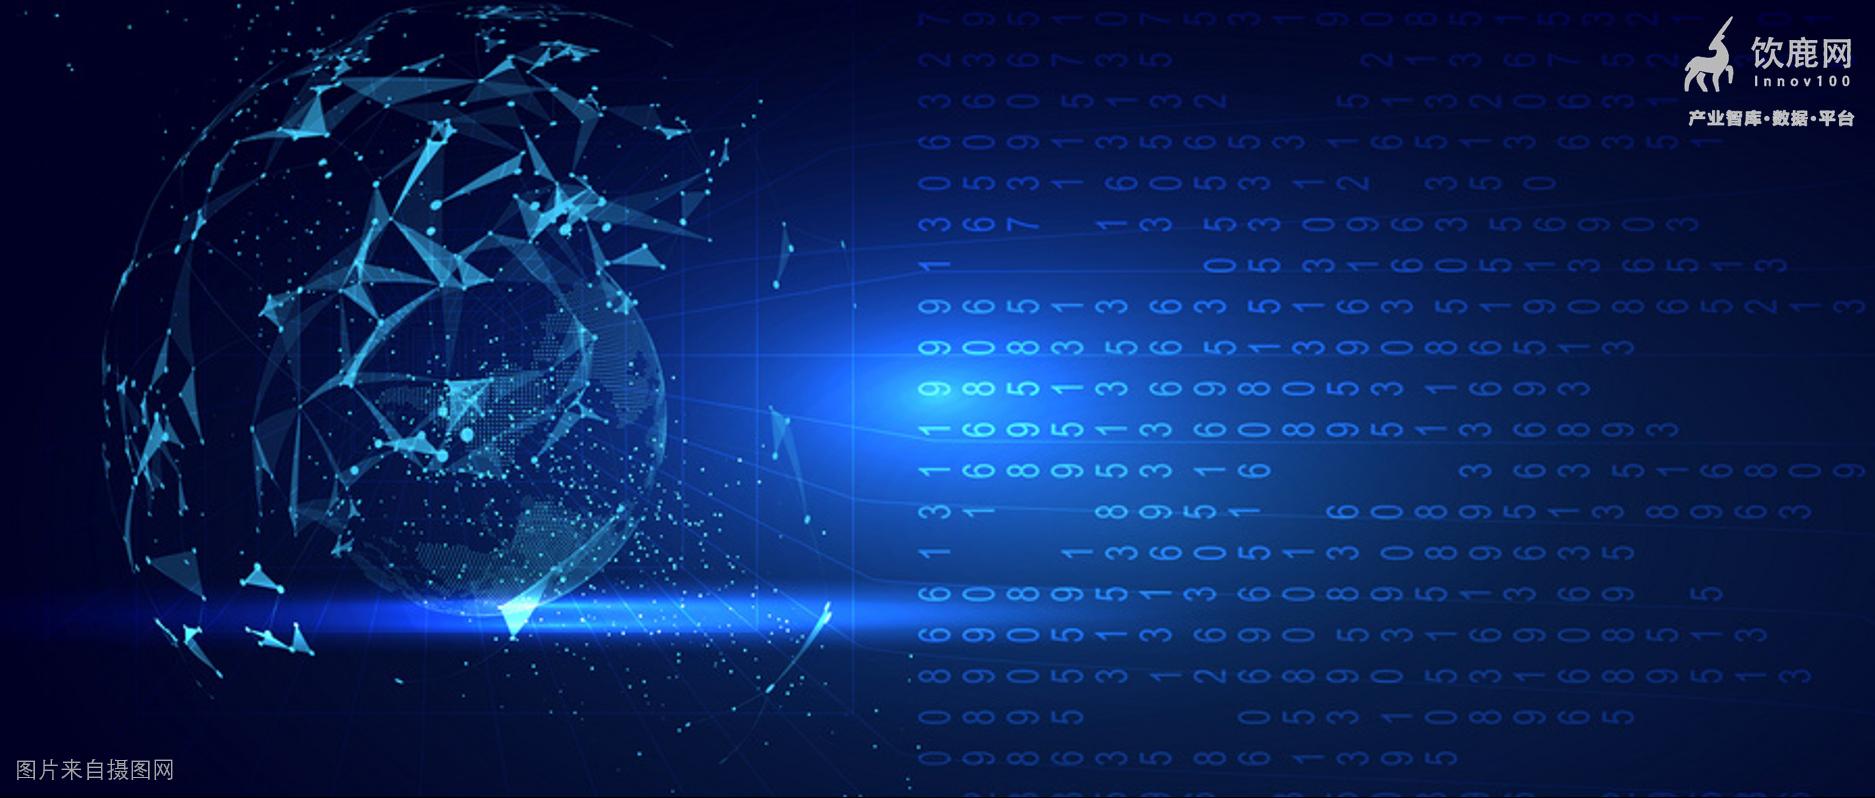 赛智时代:美欧英日新数字经济发展研究